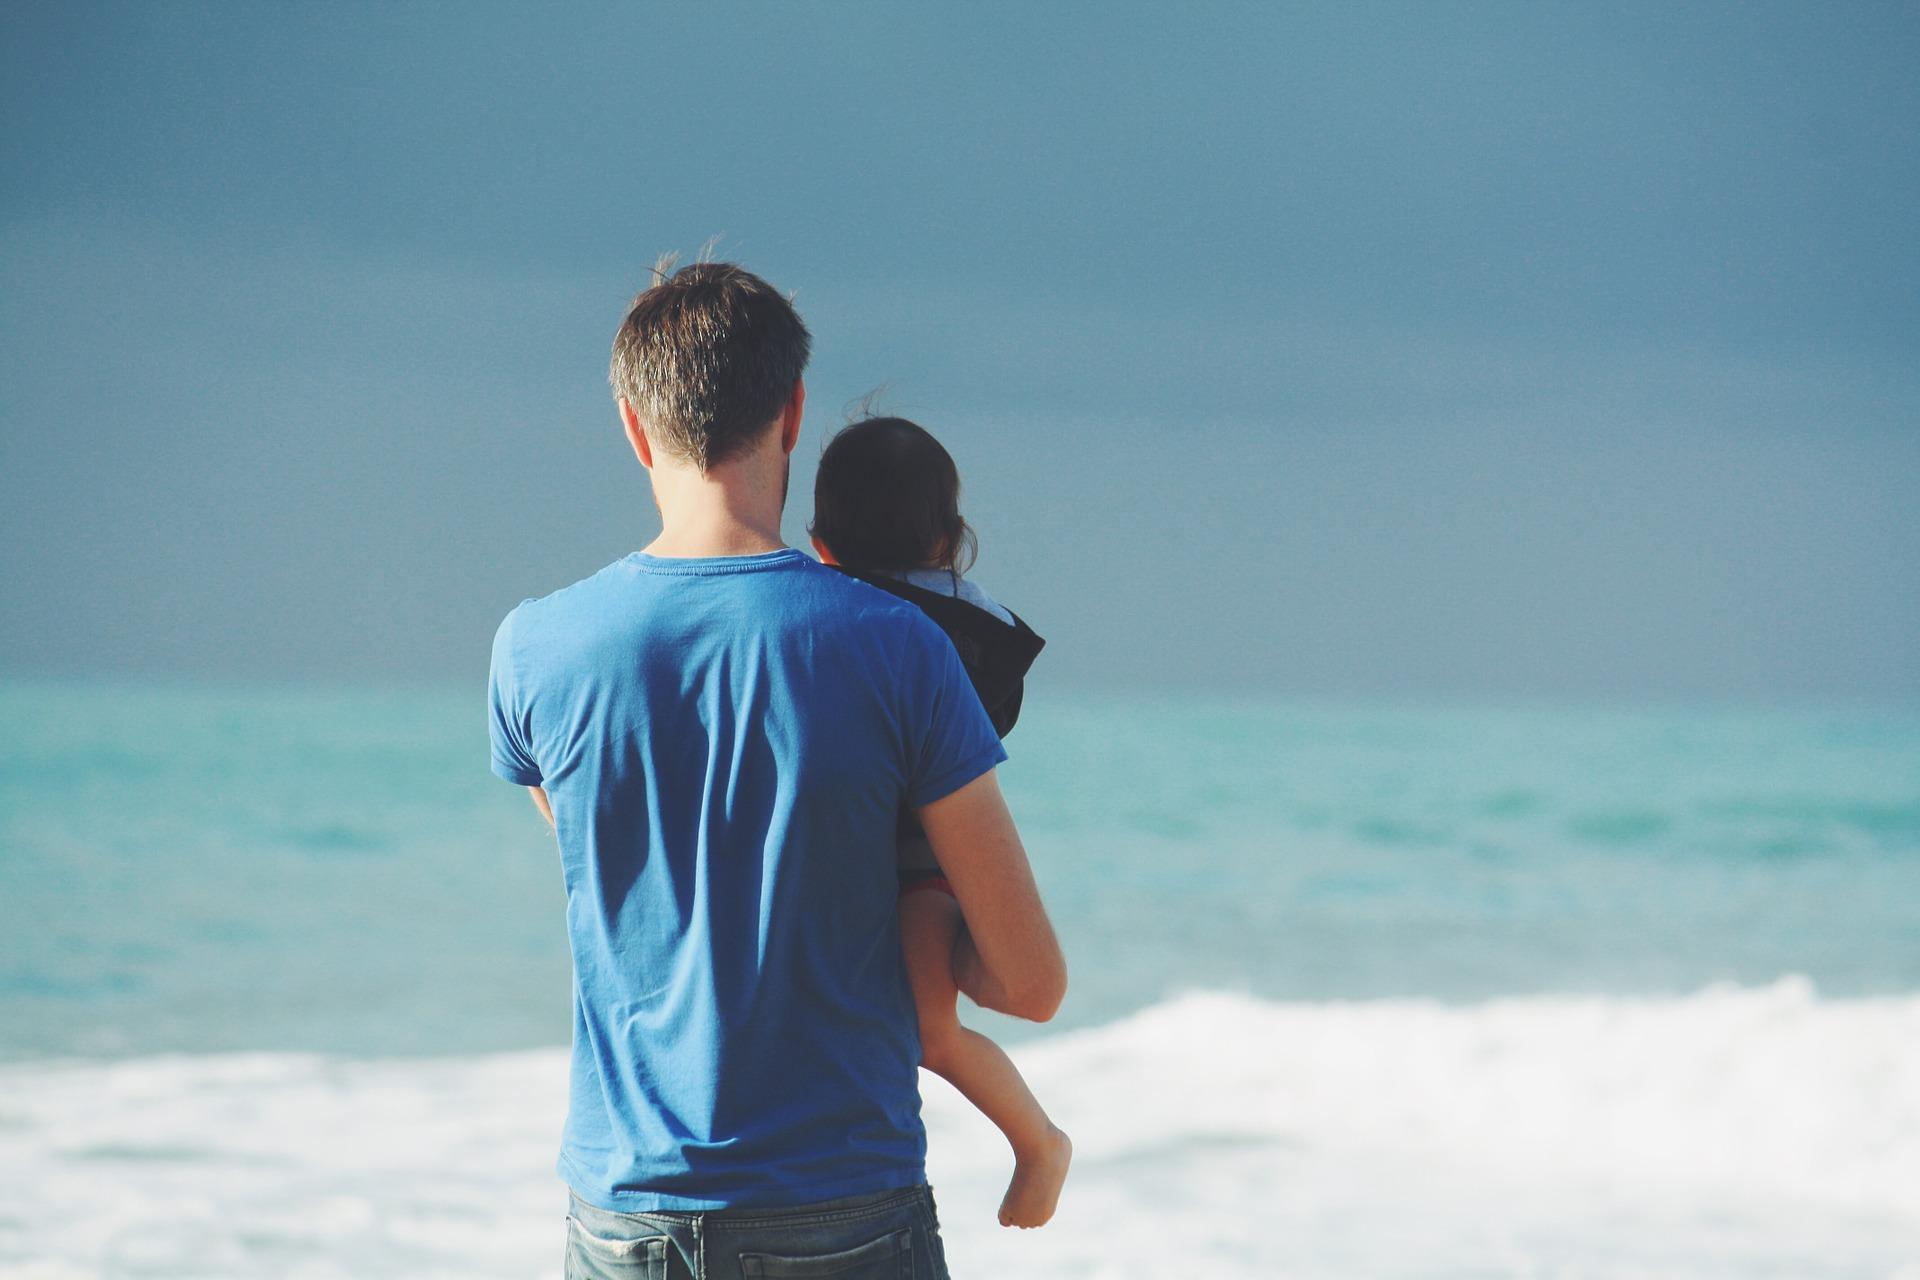 親は自信と喜びを感じて子育てを思い切り楽しもう